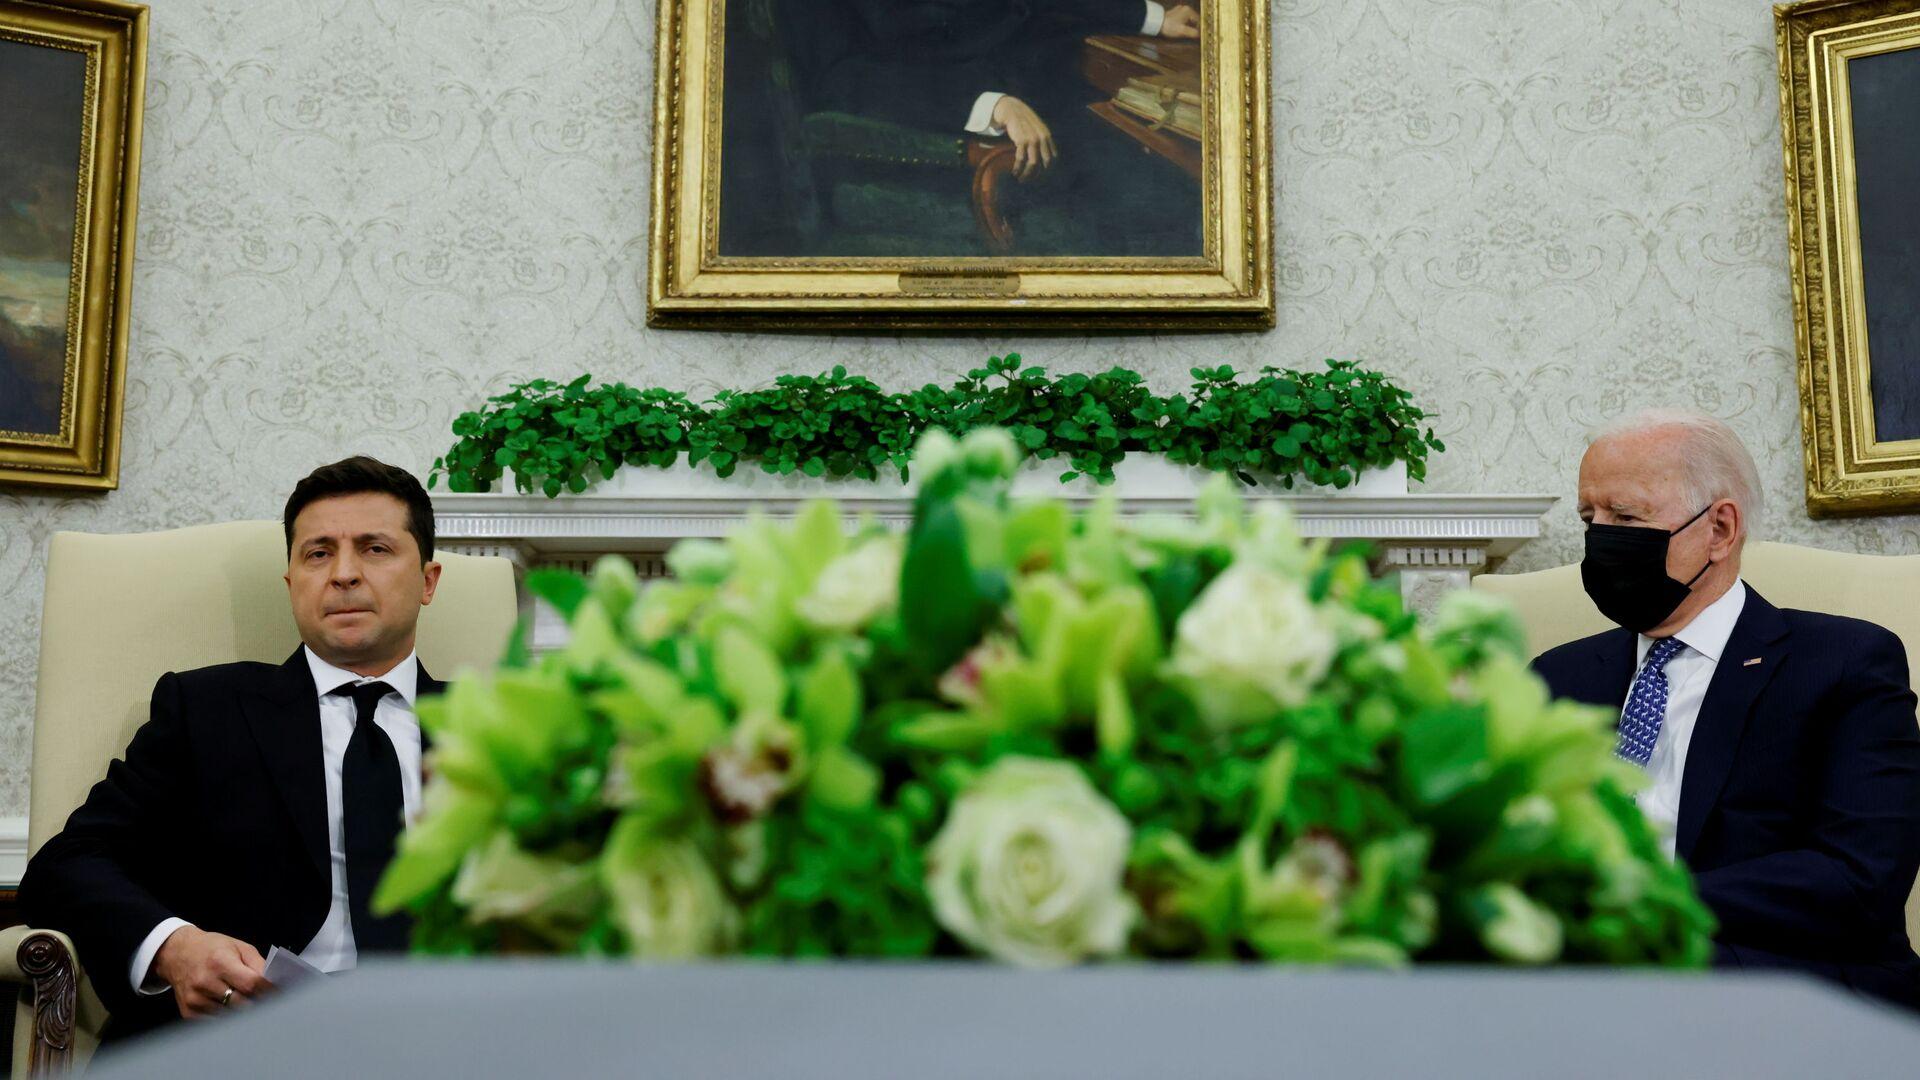 Americký prezident Joe Biden a ukrajinský prezident Volodymyr Zelenskyj v kanceláři Bílého domu ve Washingtonu - Sputnik Česká republika, 1920, 11.09.2021